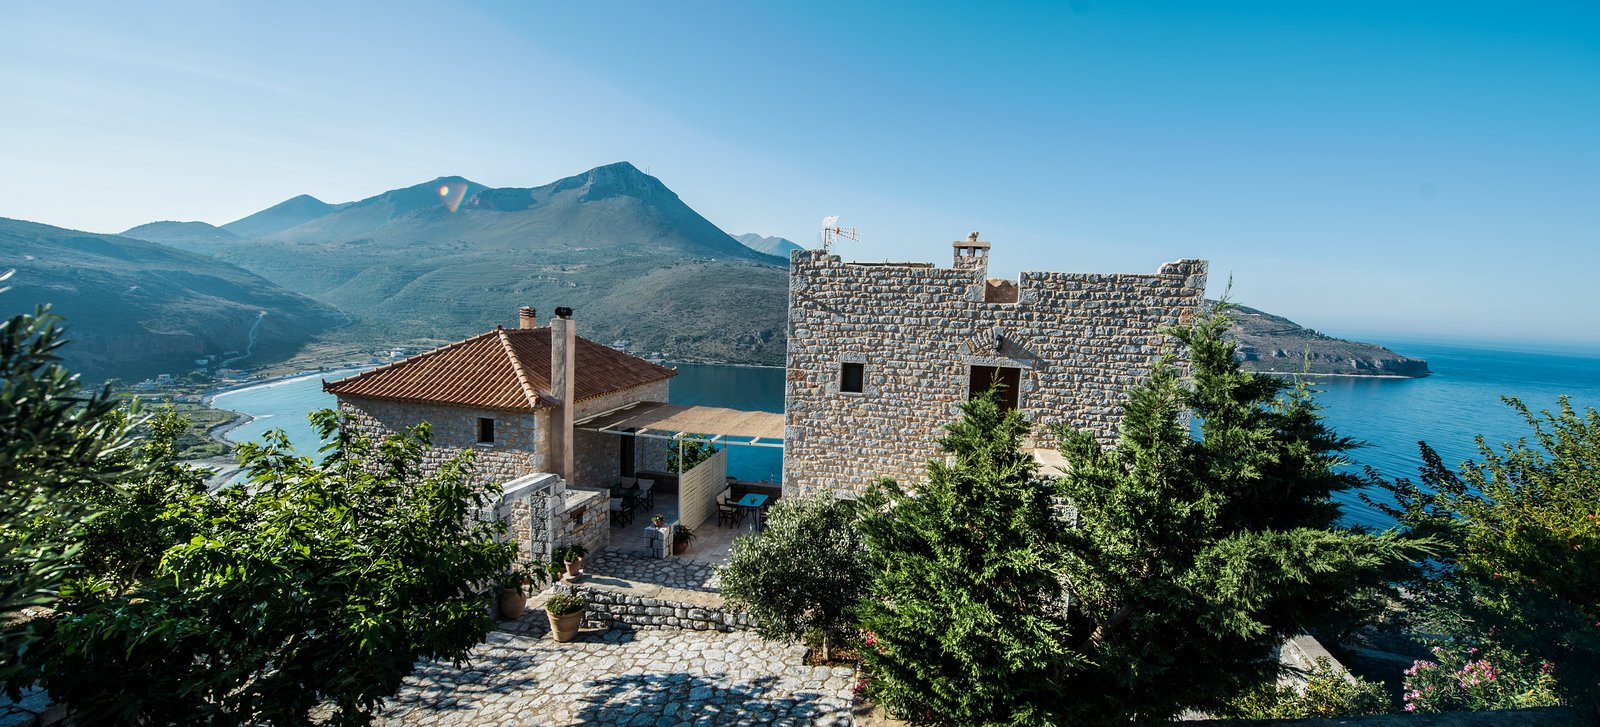 Reisetipps für Peloponnes vom Spezialisten für Griechenland Reisen